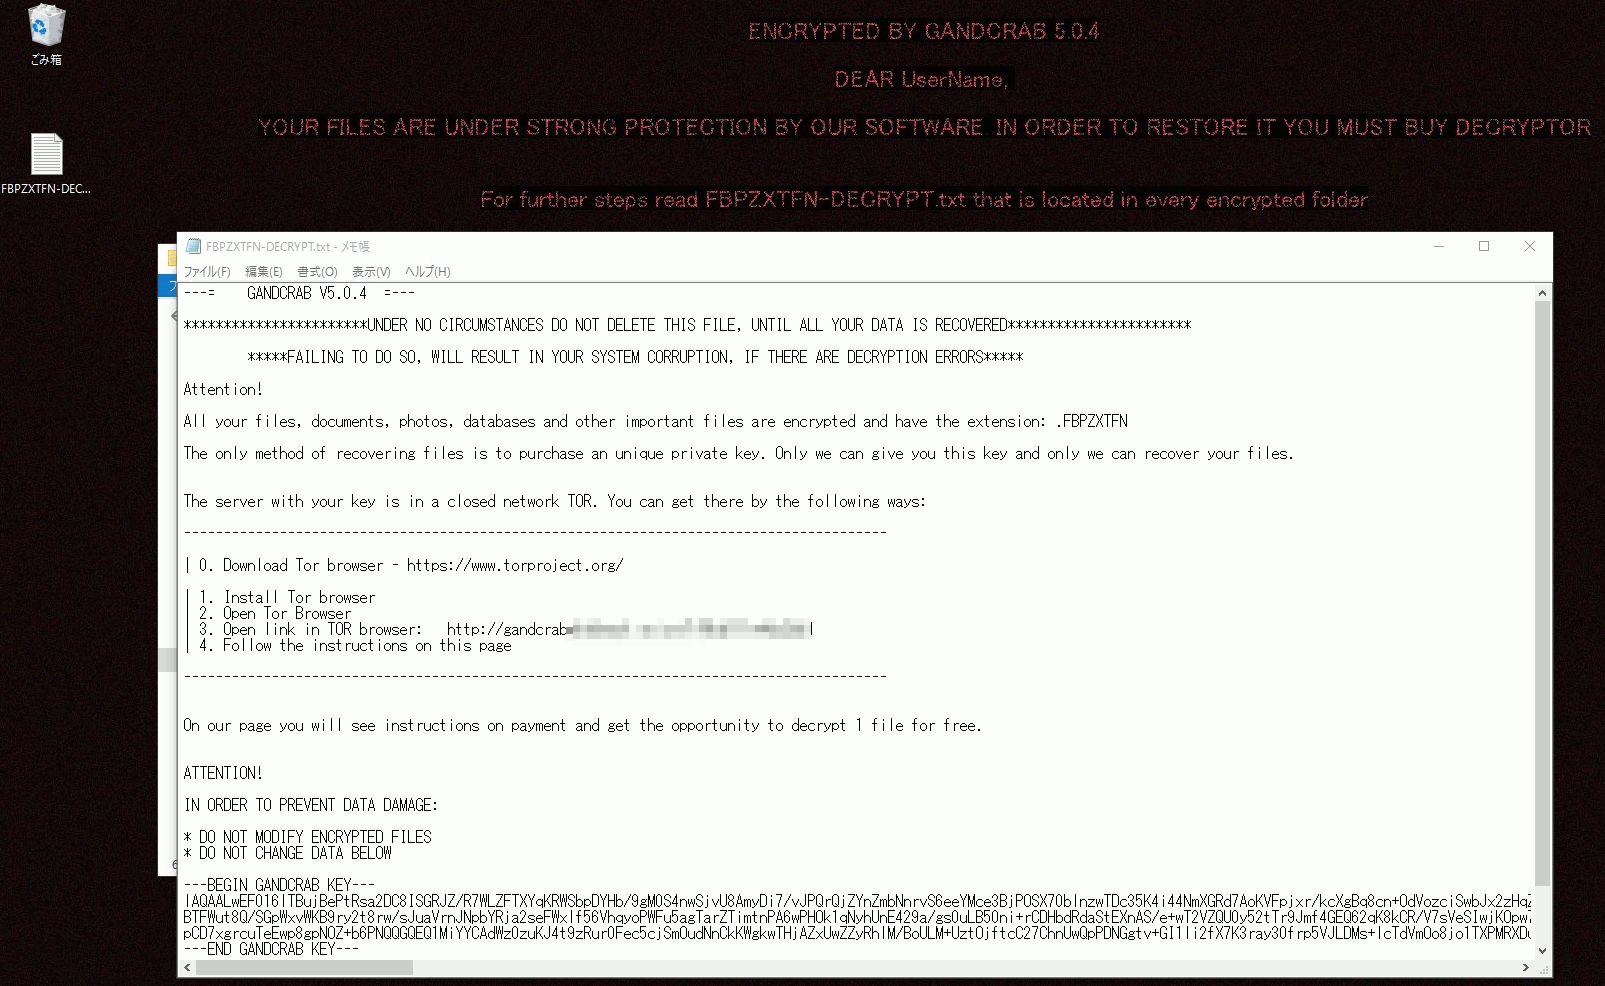 ランサムウェア「GandCrab」による身代金要求文表示例